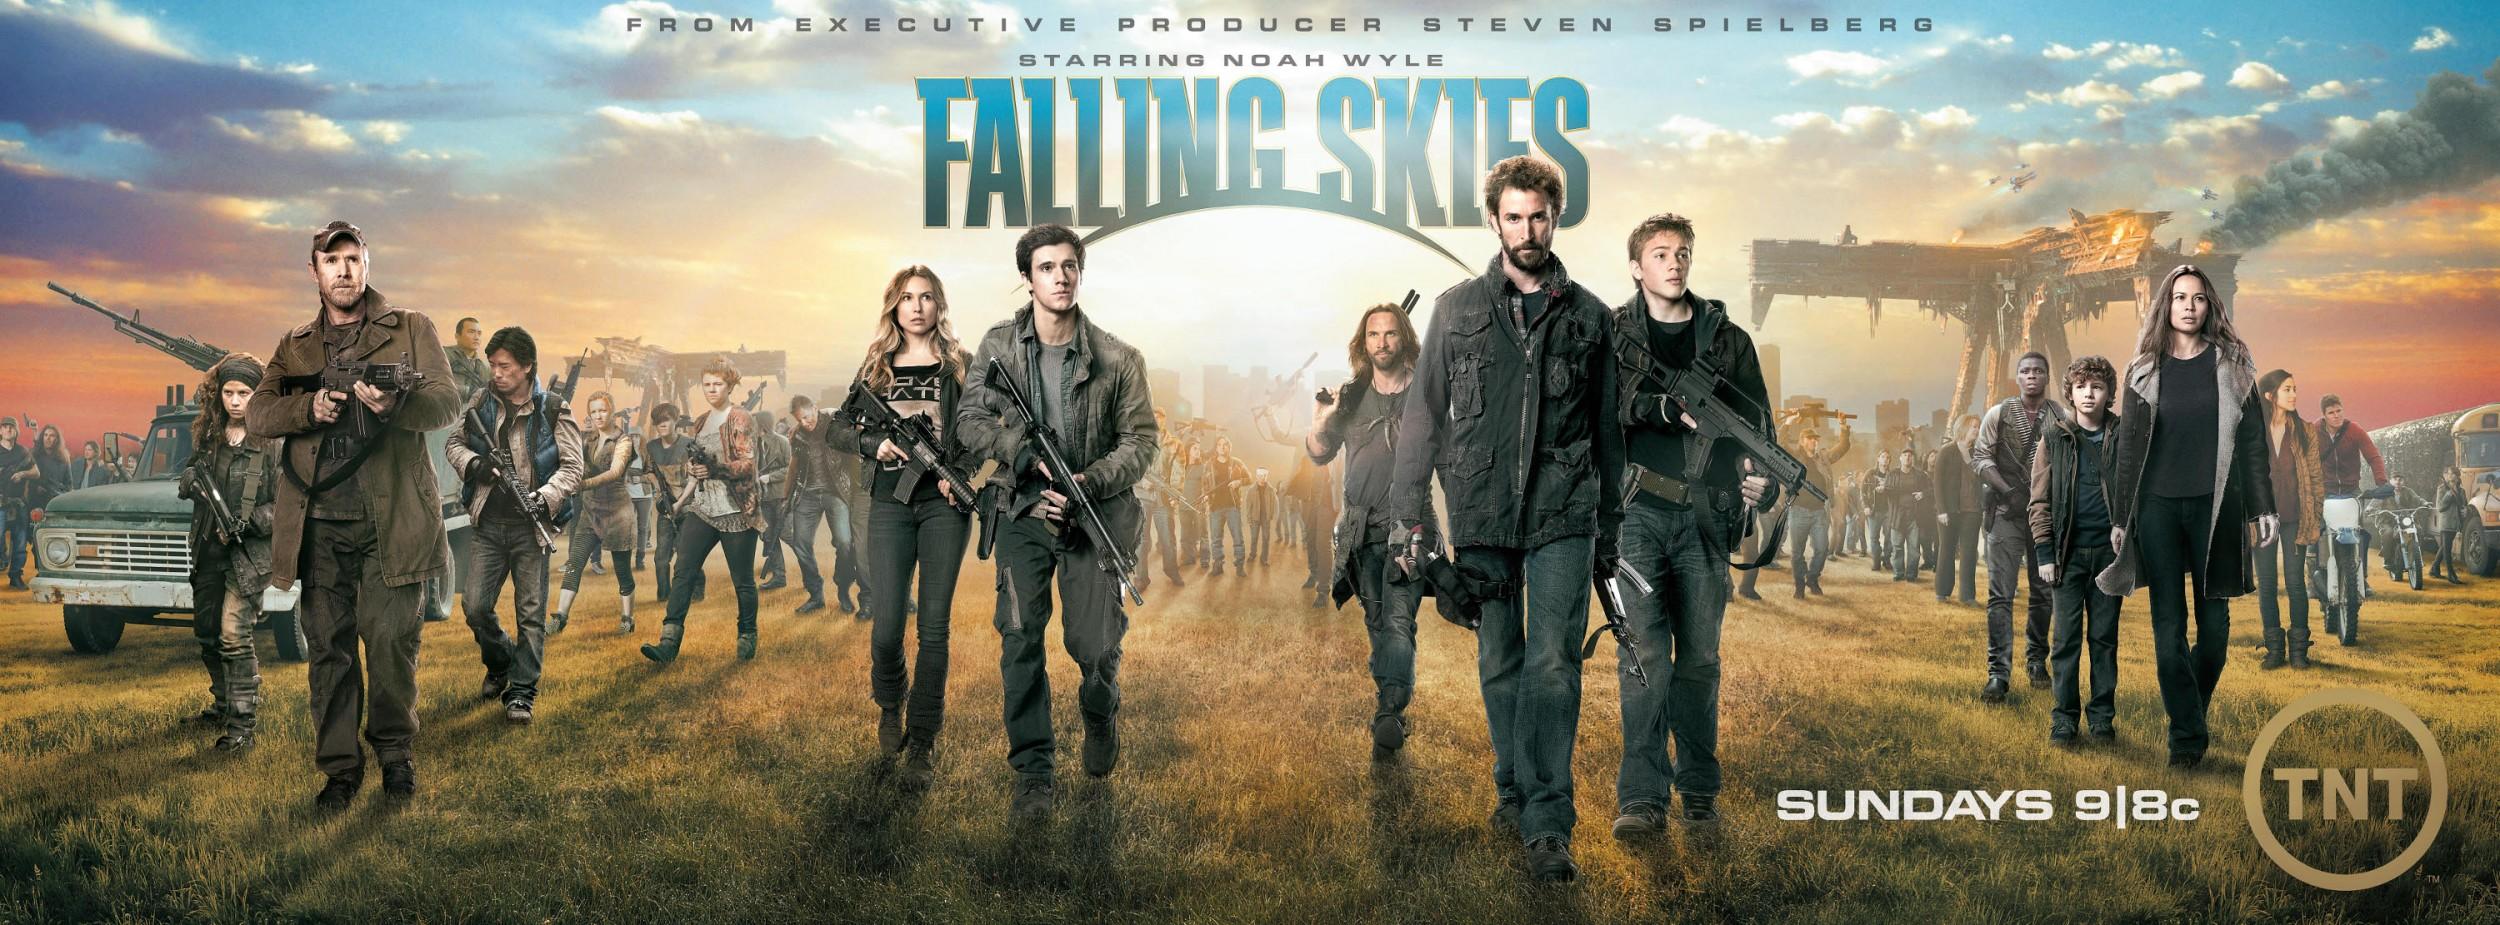 Falling Skies Saison 2 Poster 2 - Des posters pour la saison 2 de Falling Skies, dès le 17 juin sur TNT